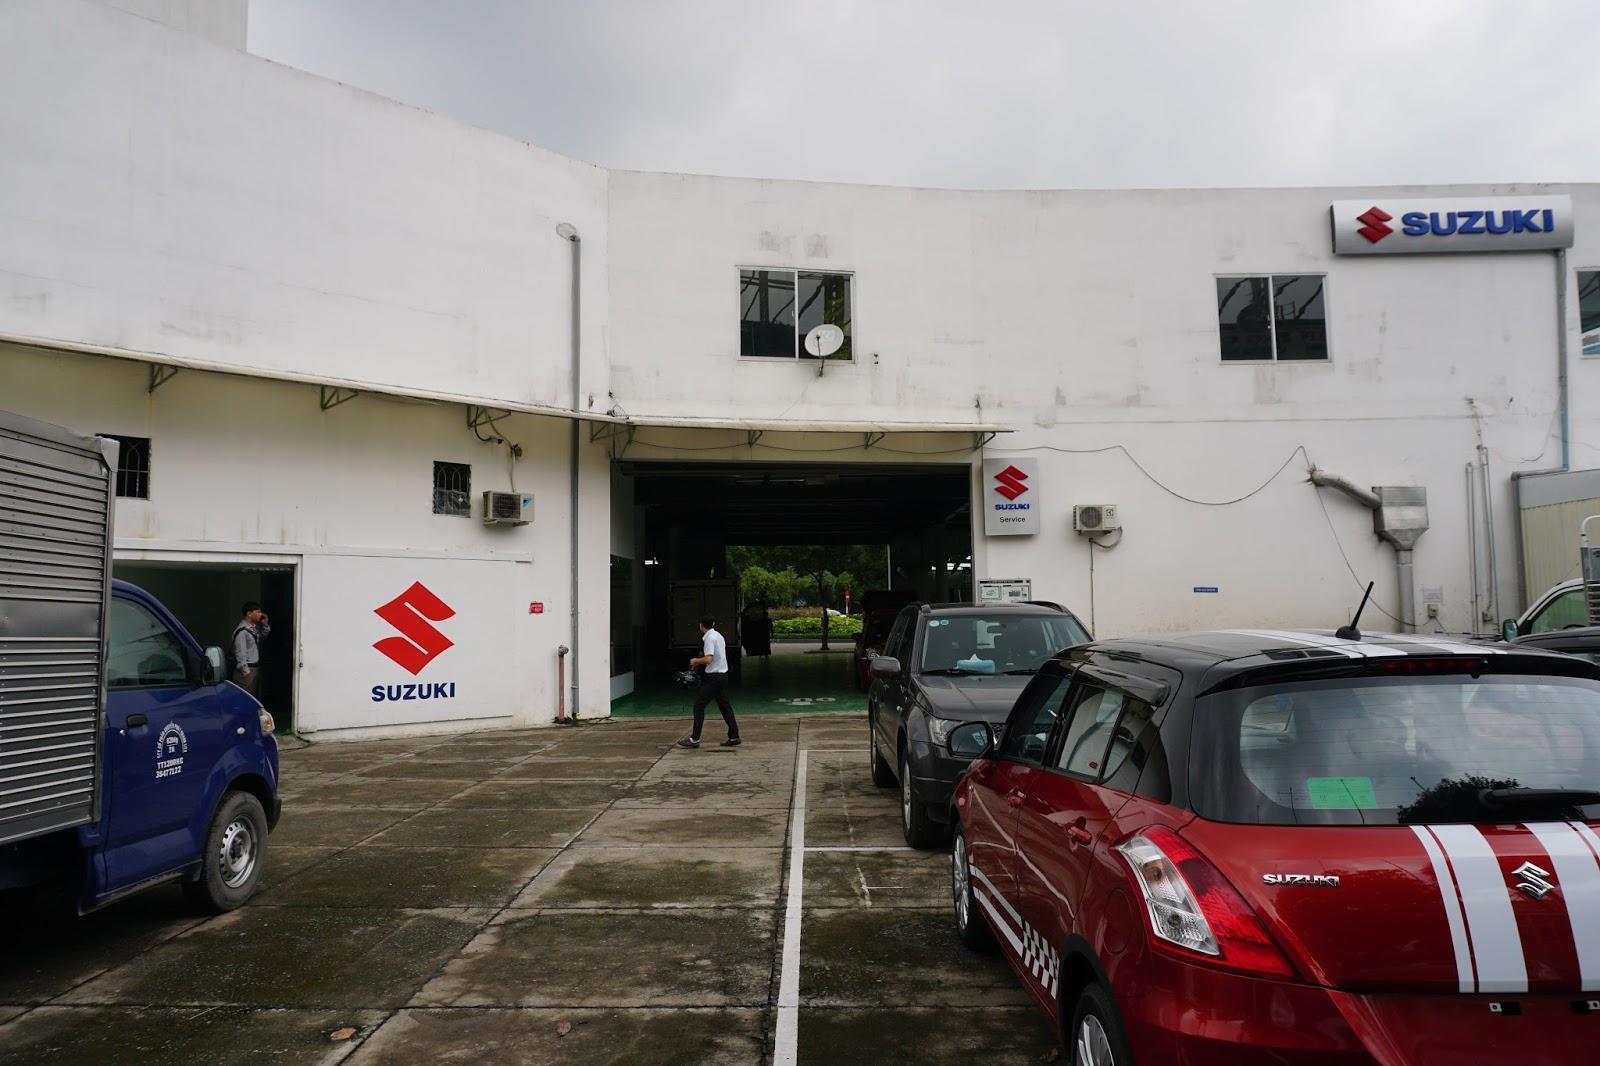 Khi vực bảo hành, bảo dưỡng Suzuki World nhìn từ bên ngoài